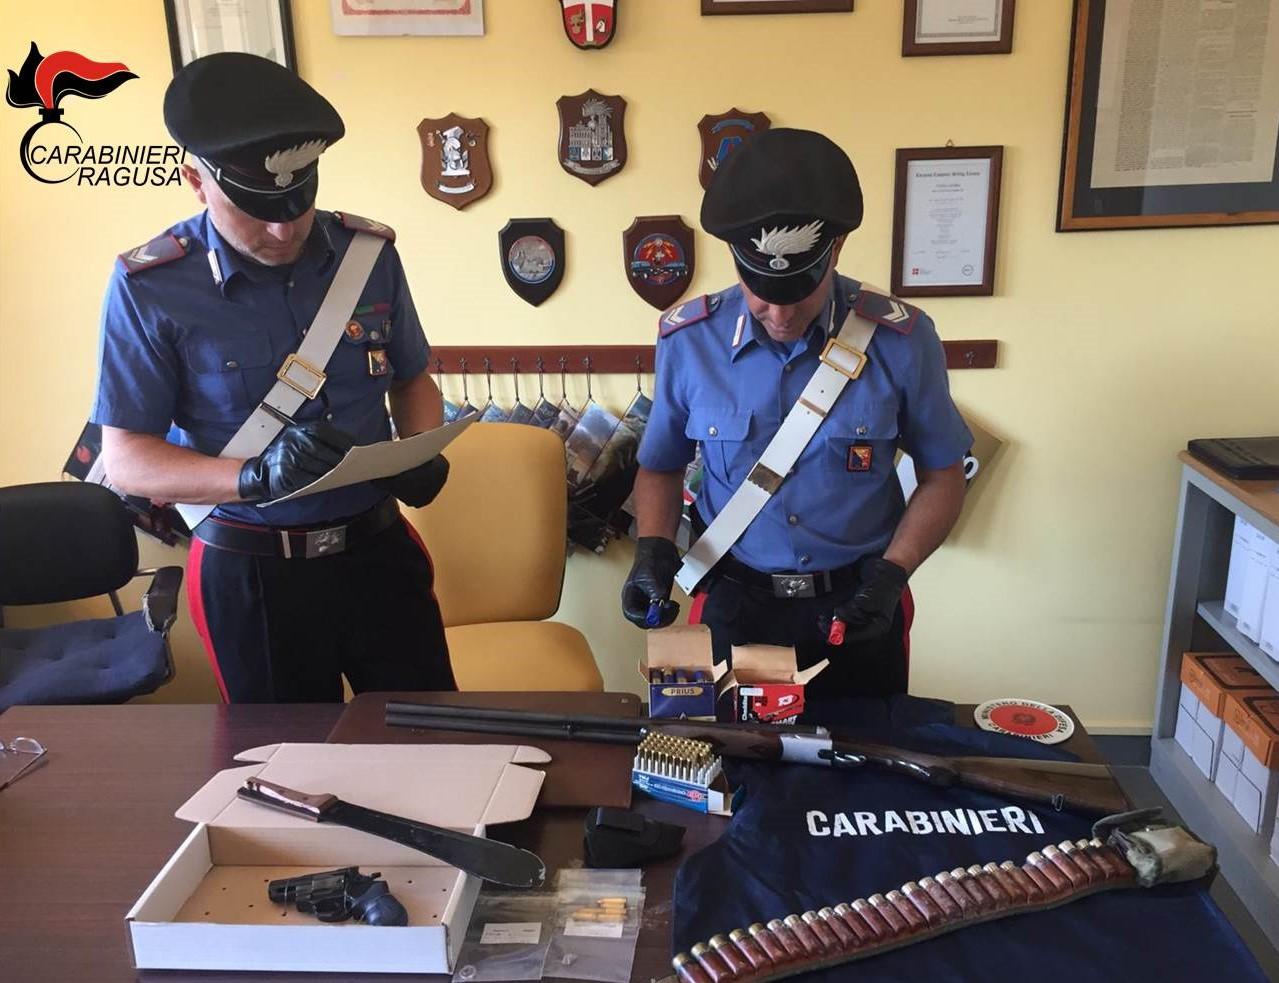 Vittoria, sparatoria per un posto auto: due persone denunciate dai carabinieri